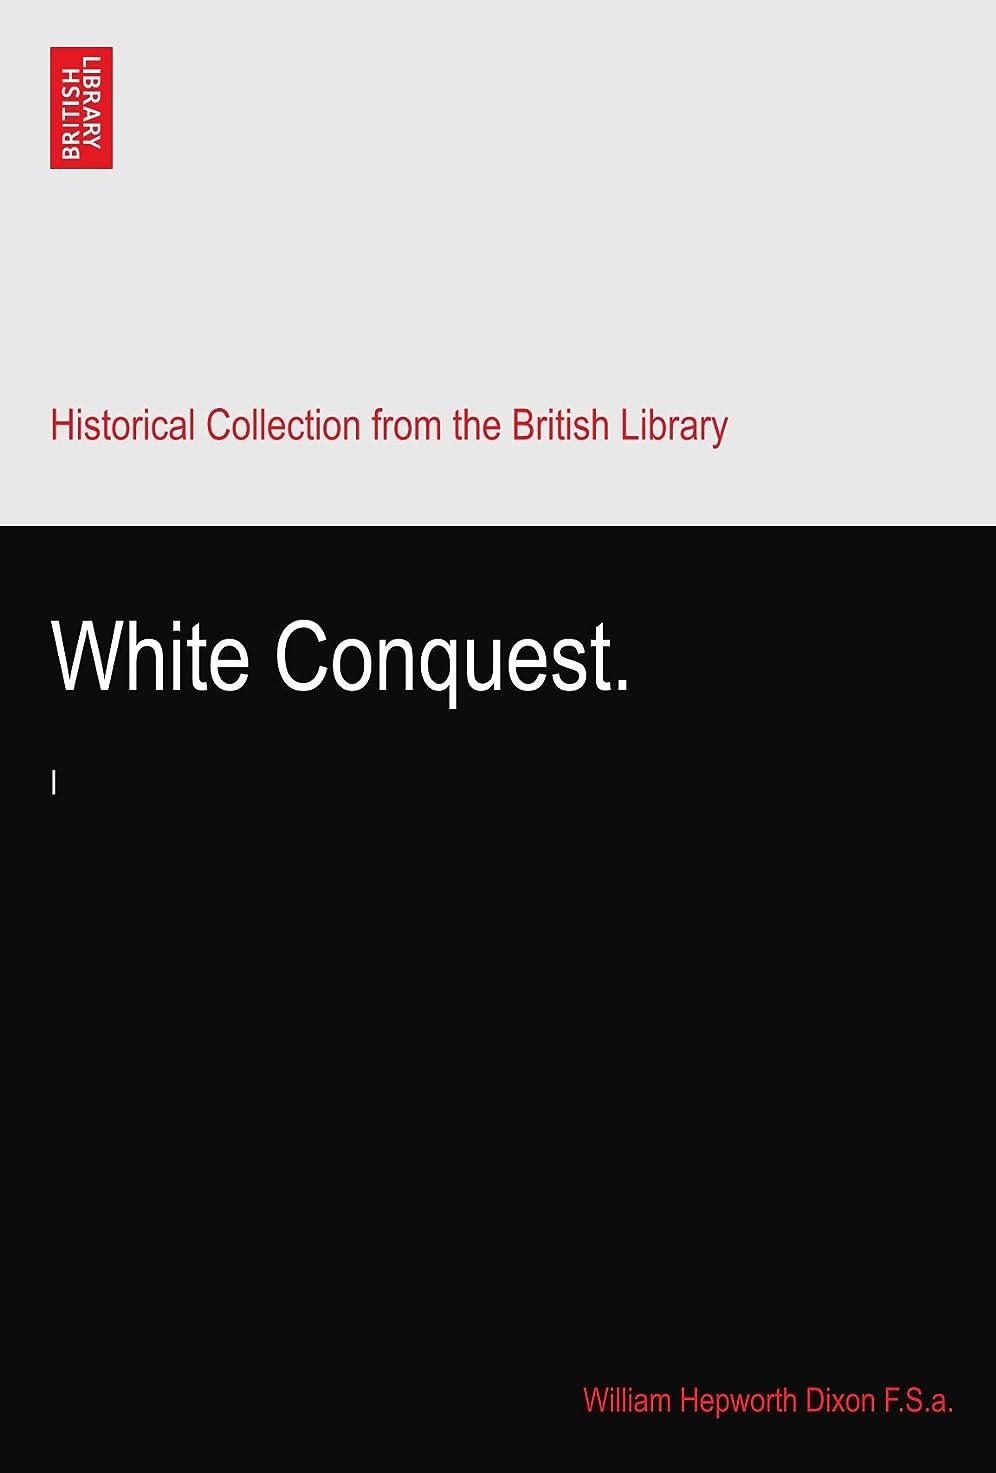 定数グラス罪悪感White Conquest.: I